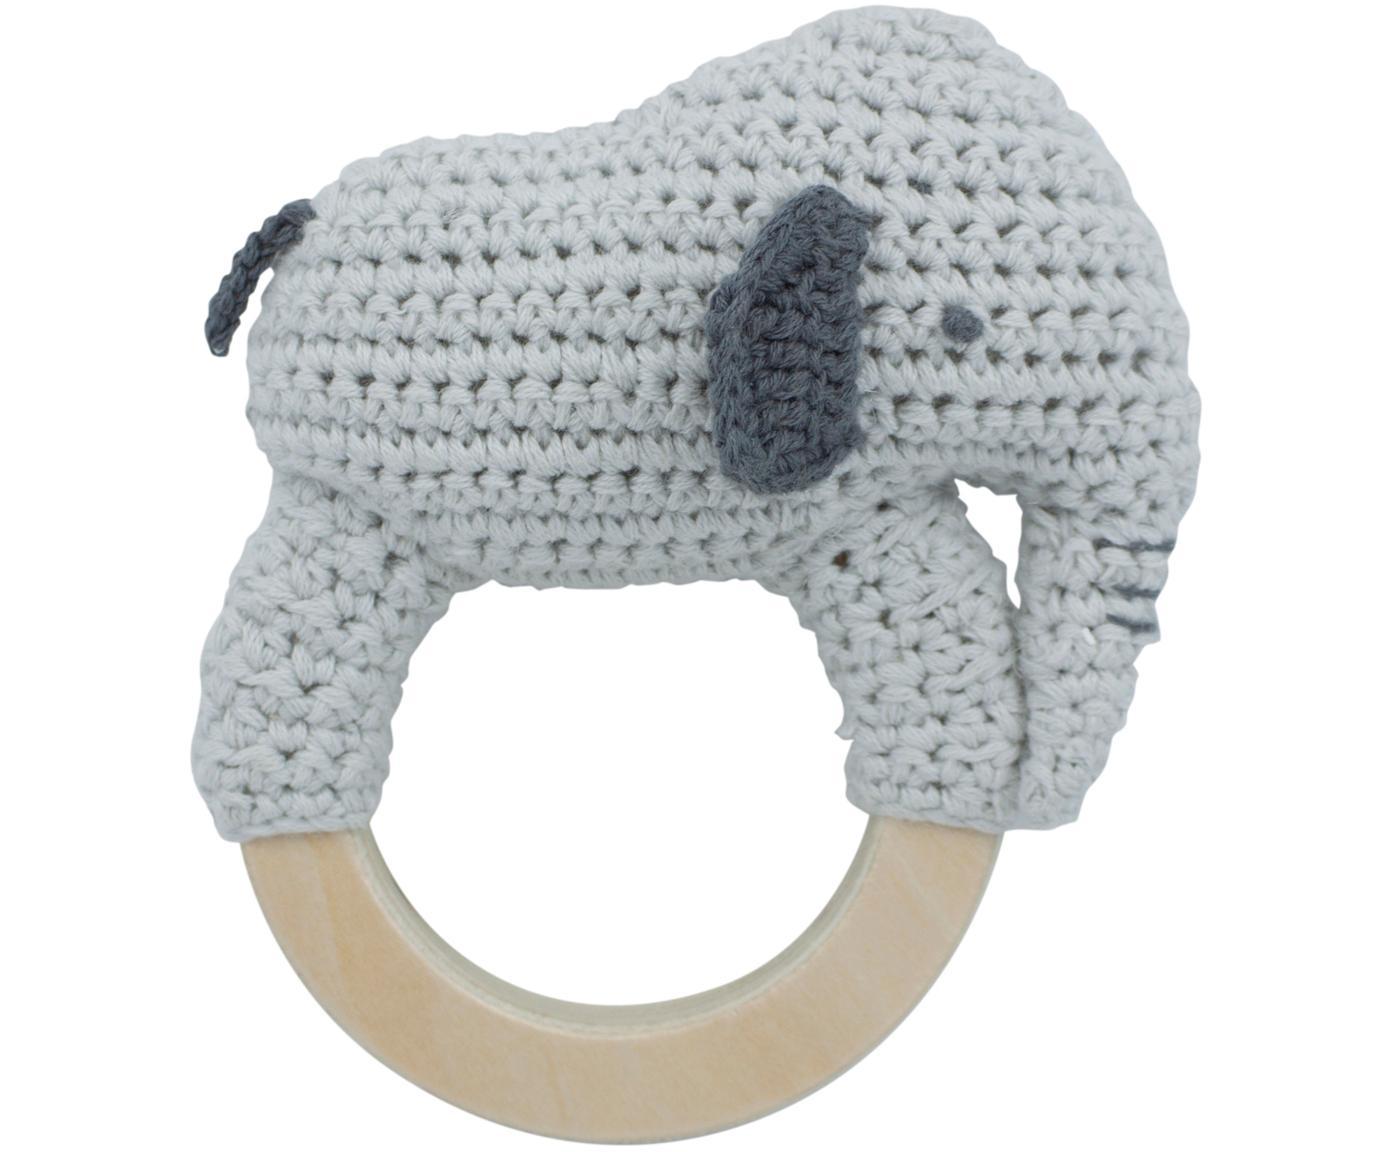 Greifling Finley, Bezug: Baumwolle, Grau, 12 x 12 cm